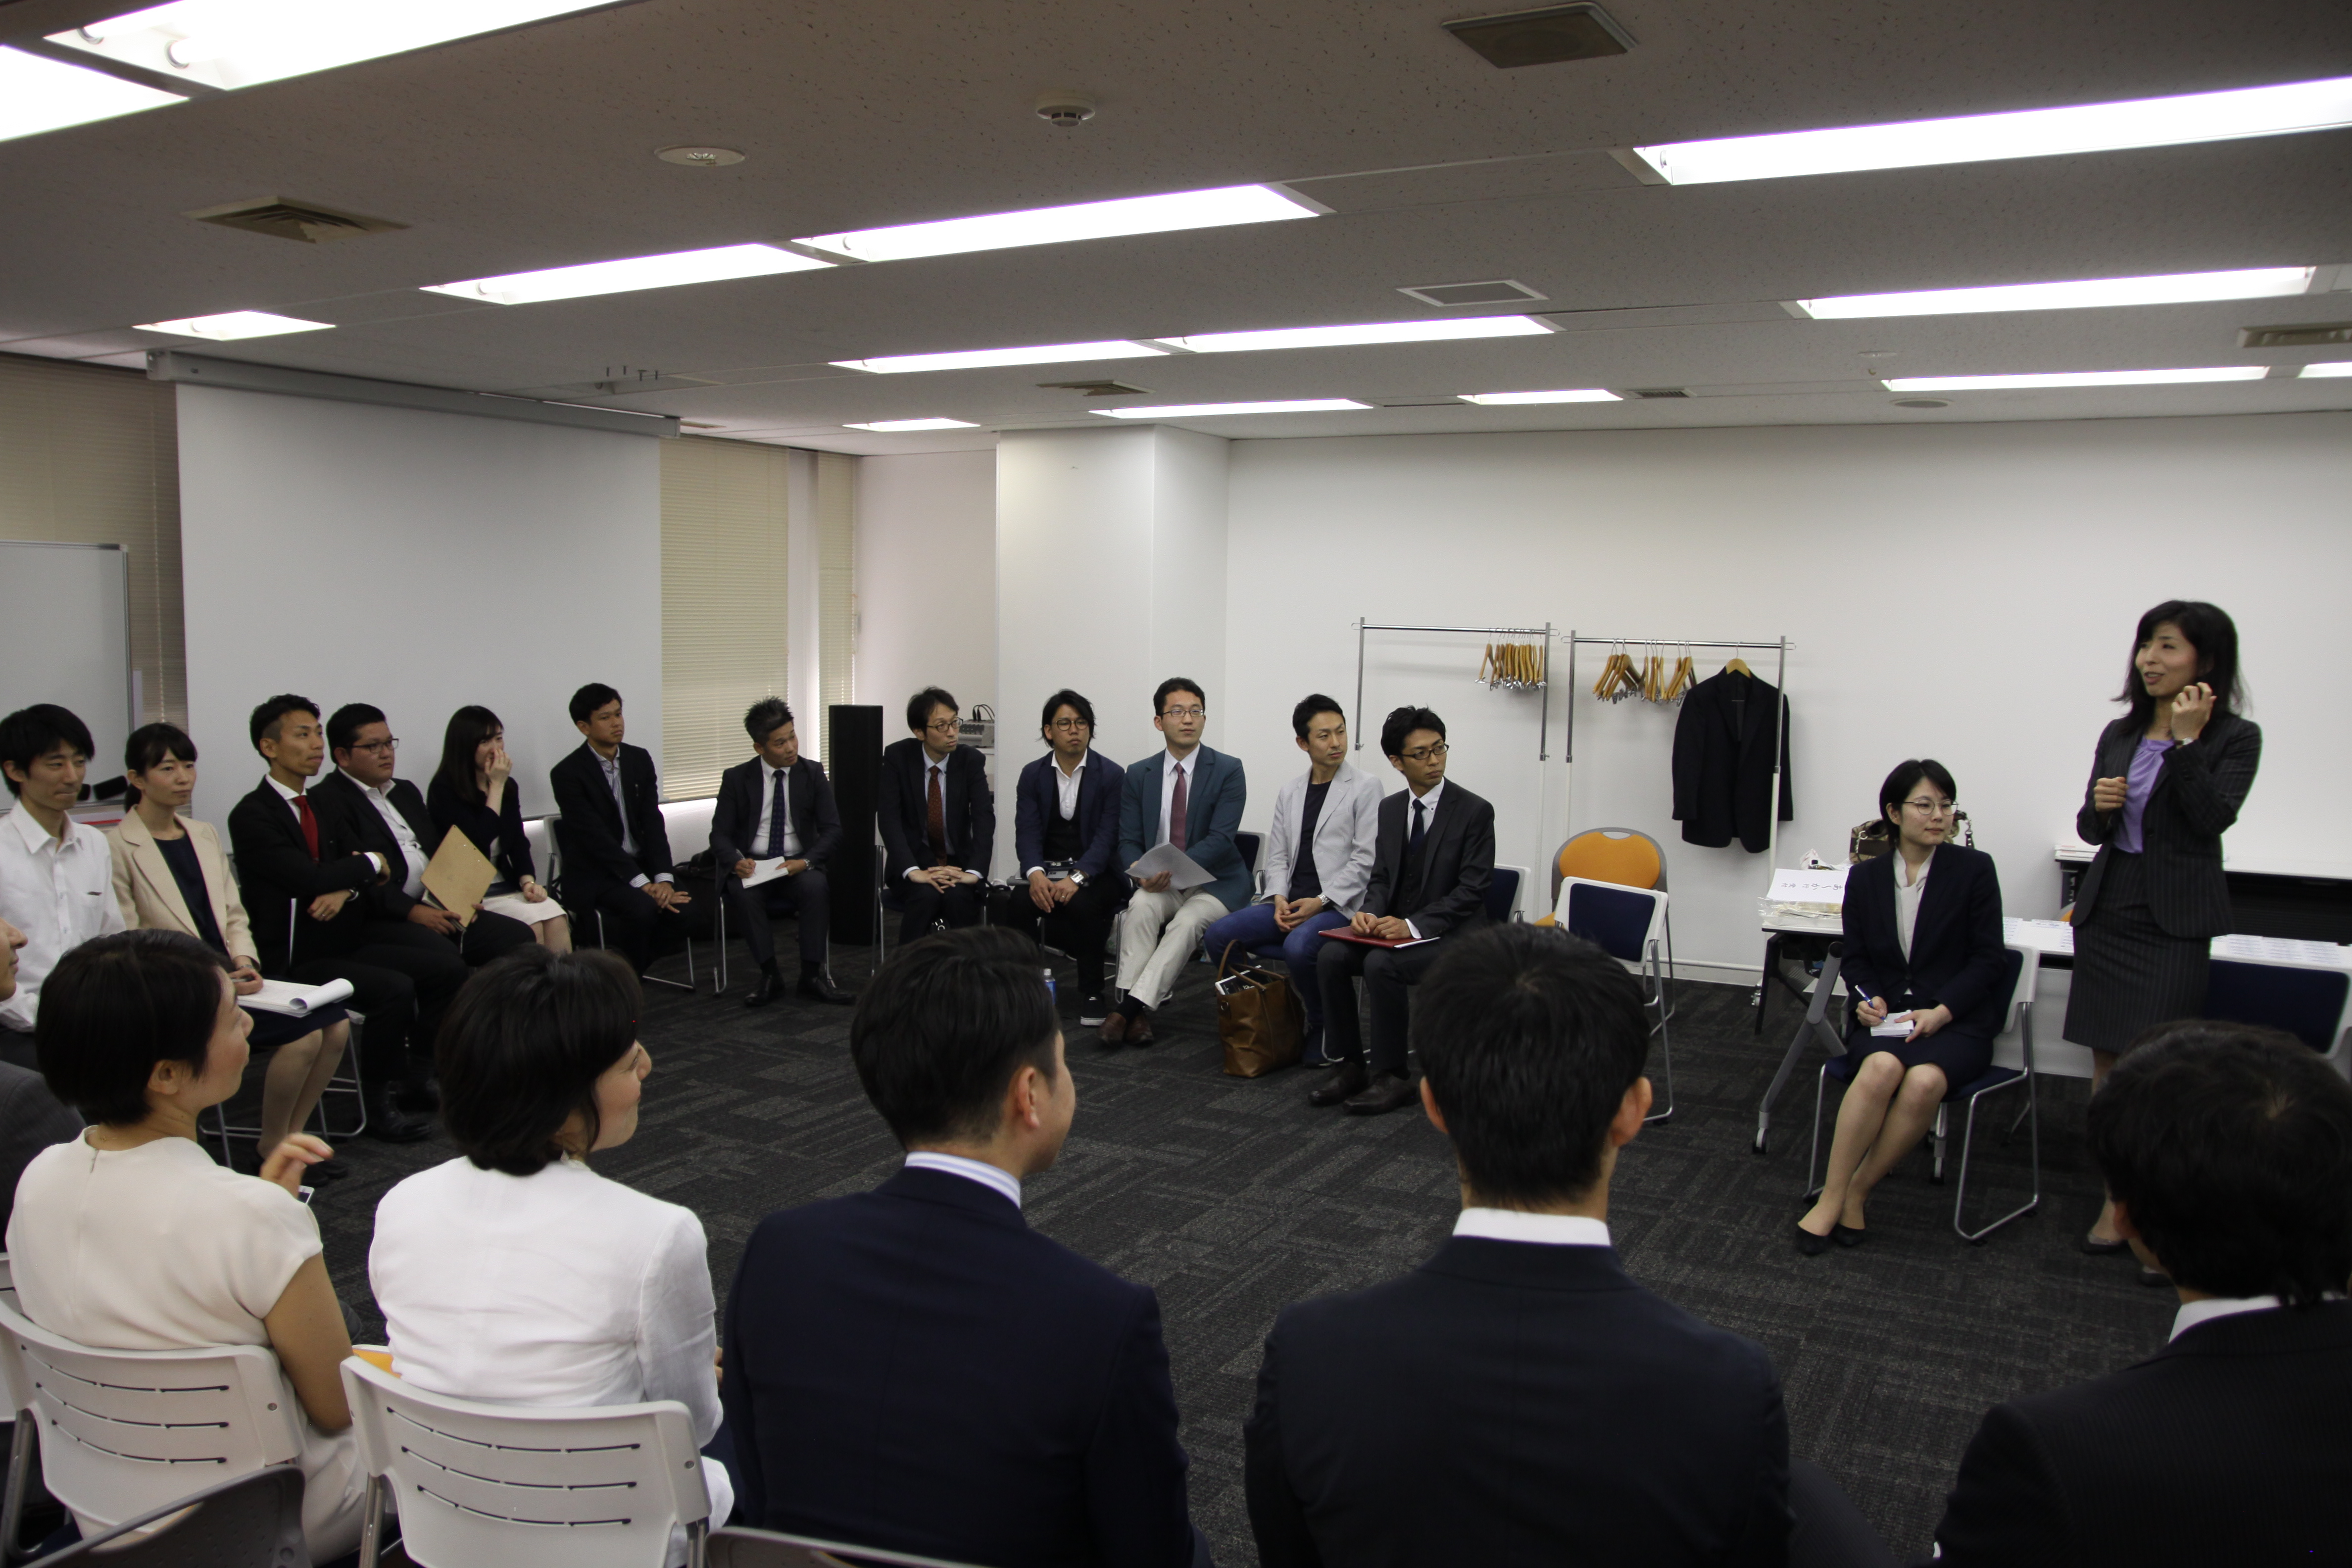 IMG 4445 1 - 関東若獅子の会、記念すべき第100回